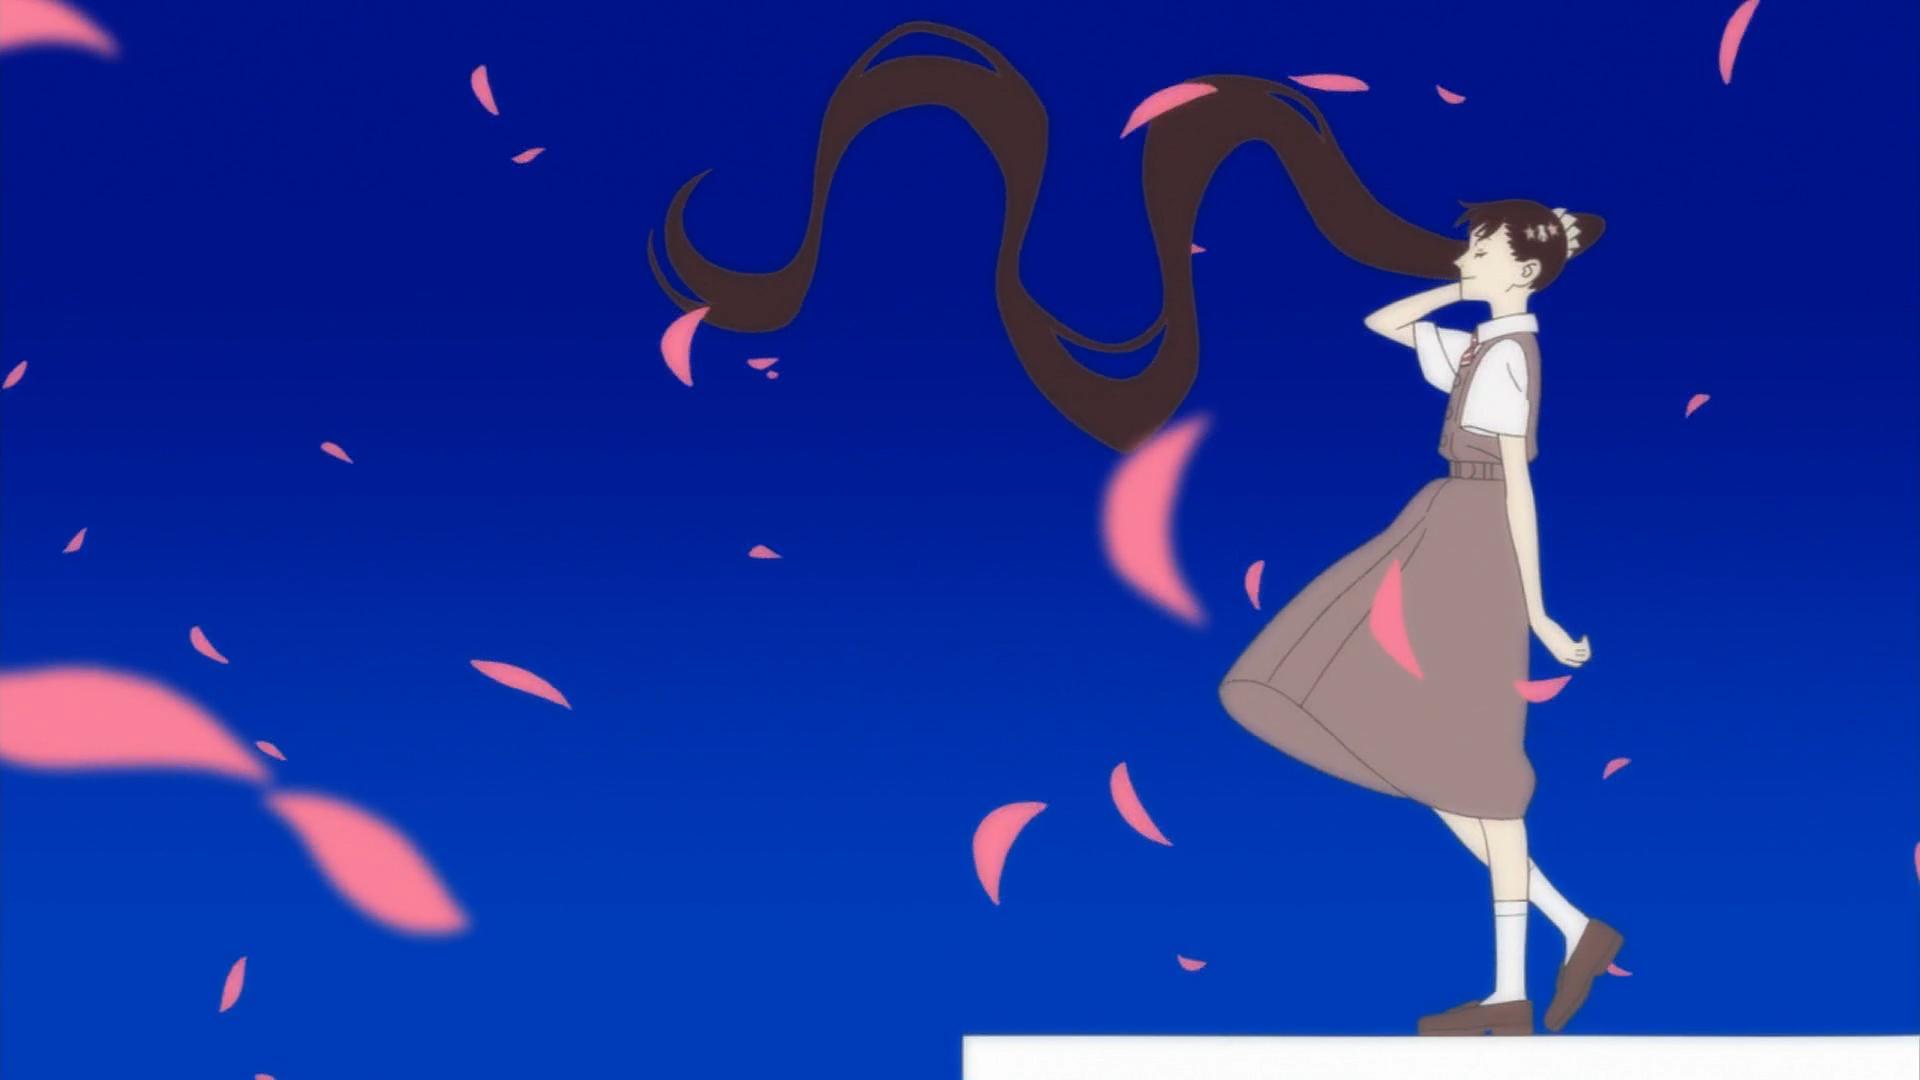 Wallpaper Black Clover Anime Girls Blue Background